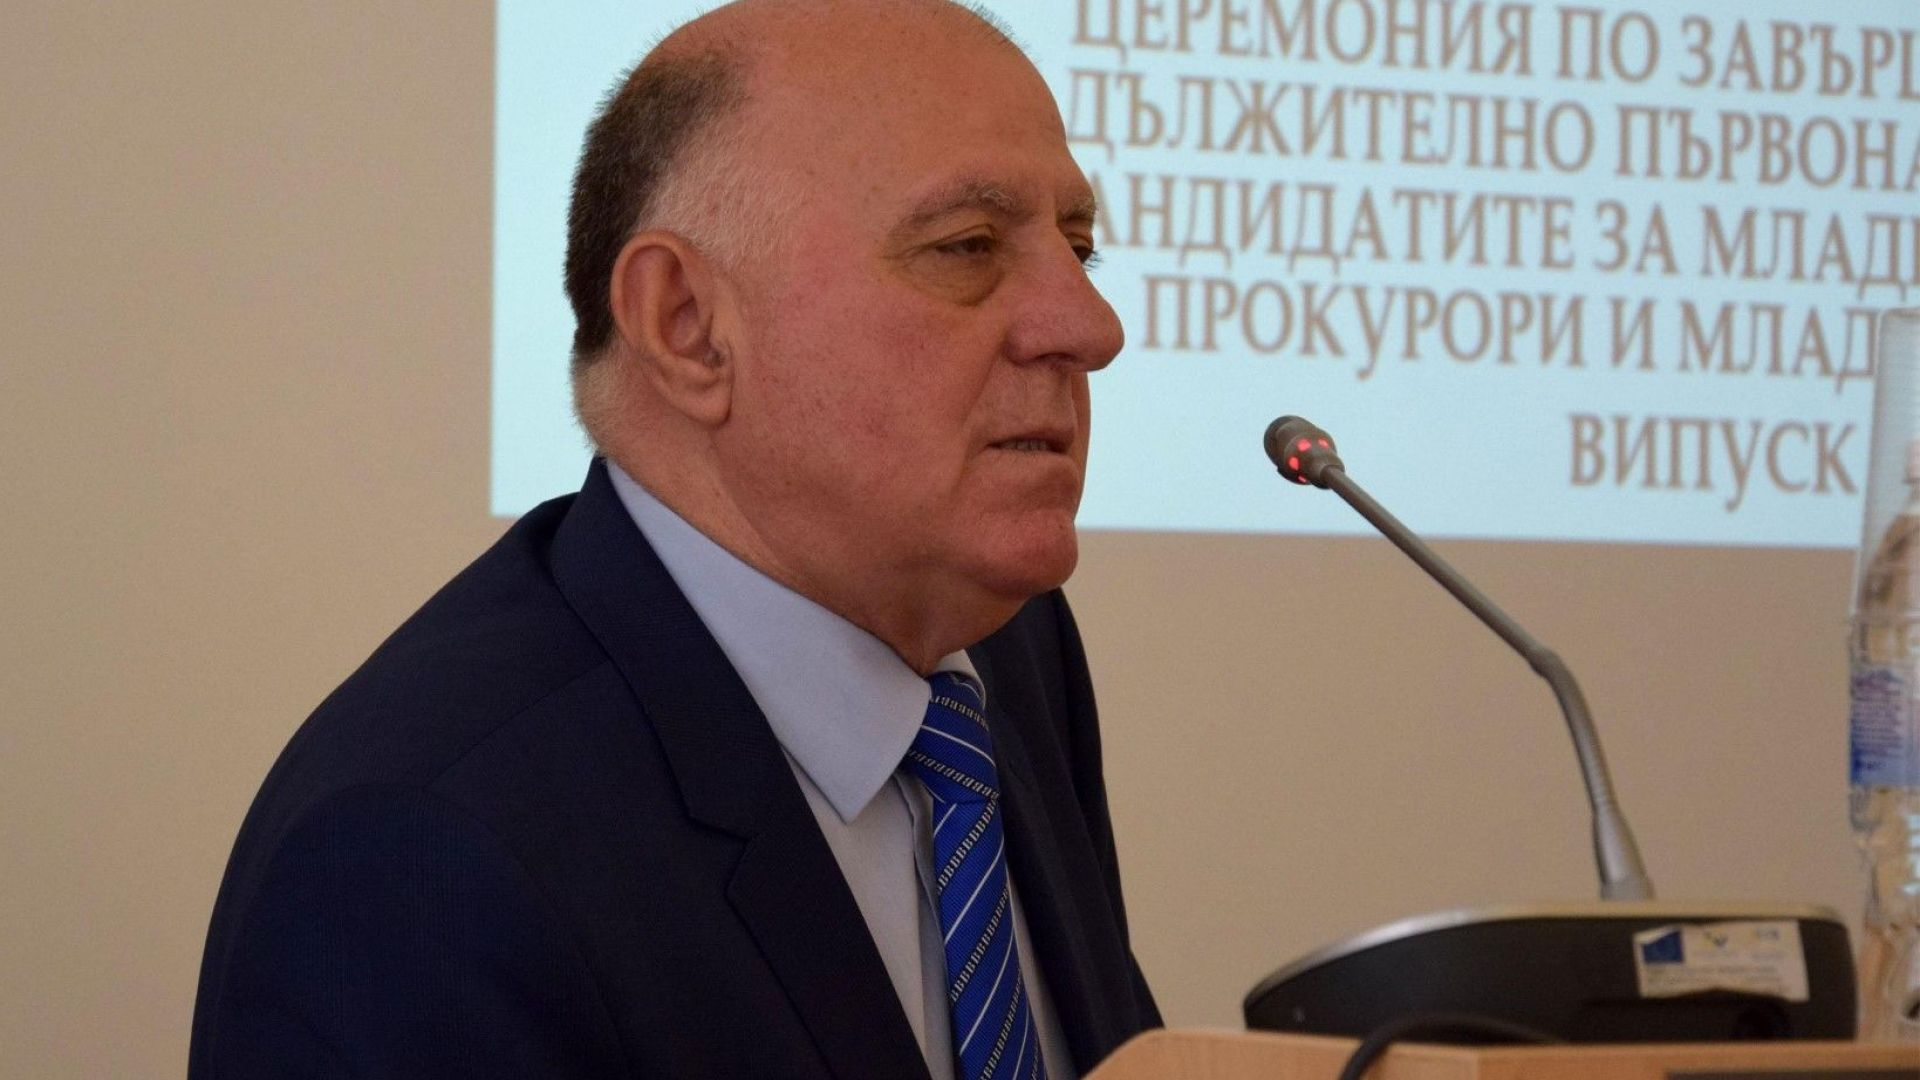 Магдалинчев: Няма основание да се сезира КС за избора на Гешев за главен прокурор